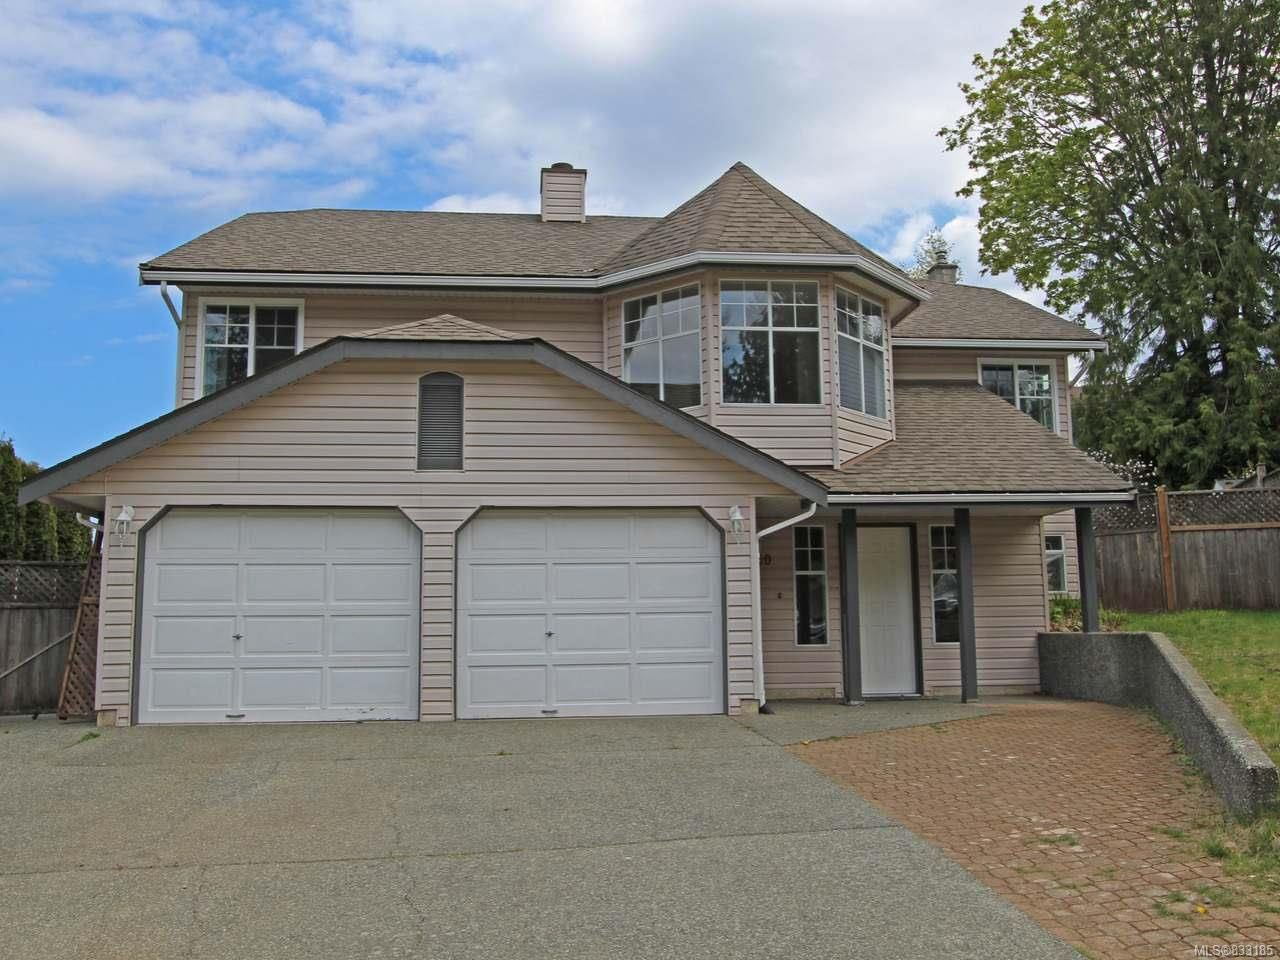 Main Photo: 6040 Driftwood Pl in NANAIMO: Na North Nanaimo House for sale (Nanaimo)  : MLS®# 833185